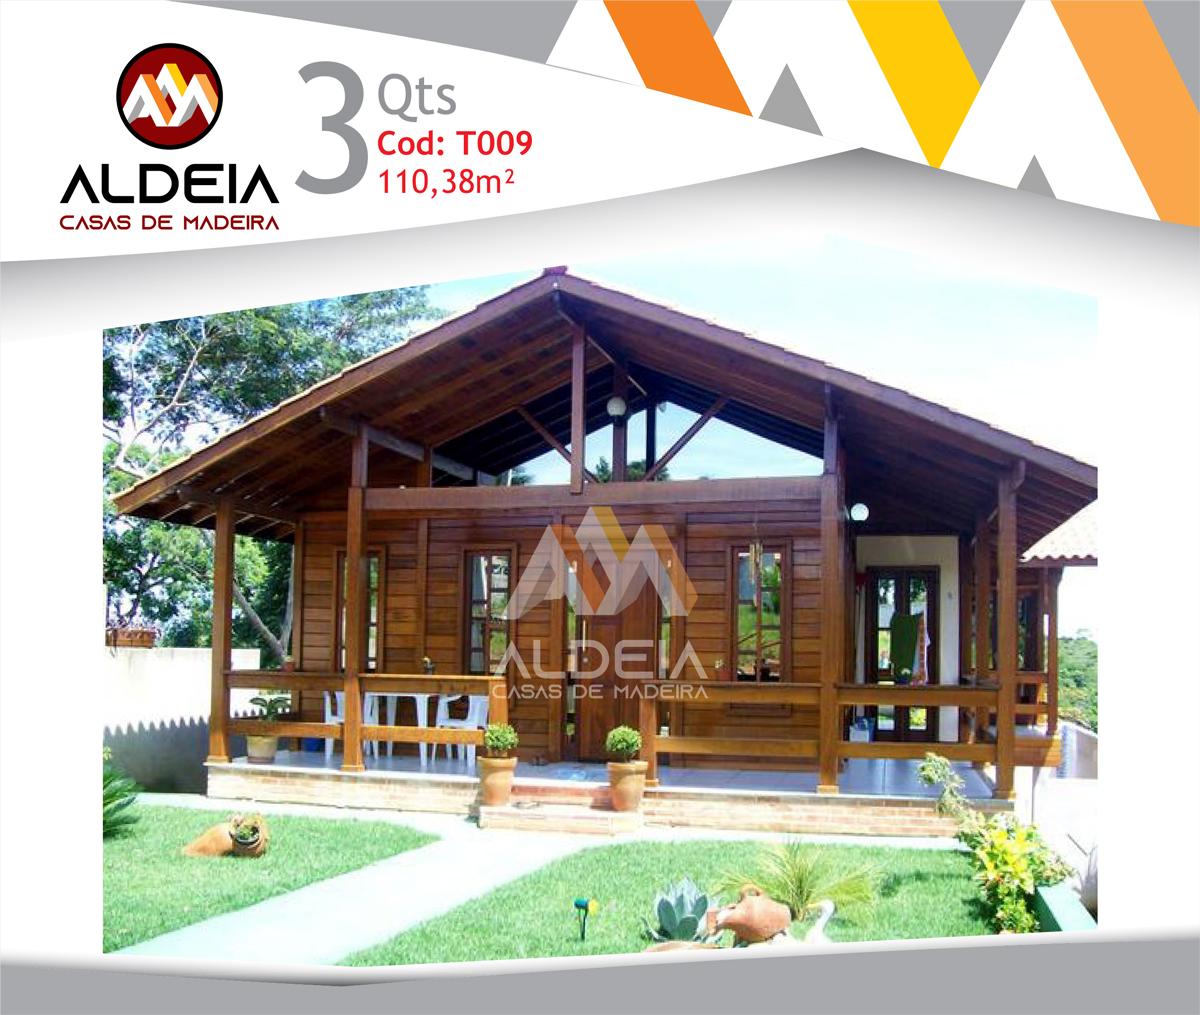 aldeia-casas-madeira-fachada-T009